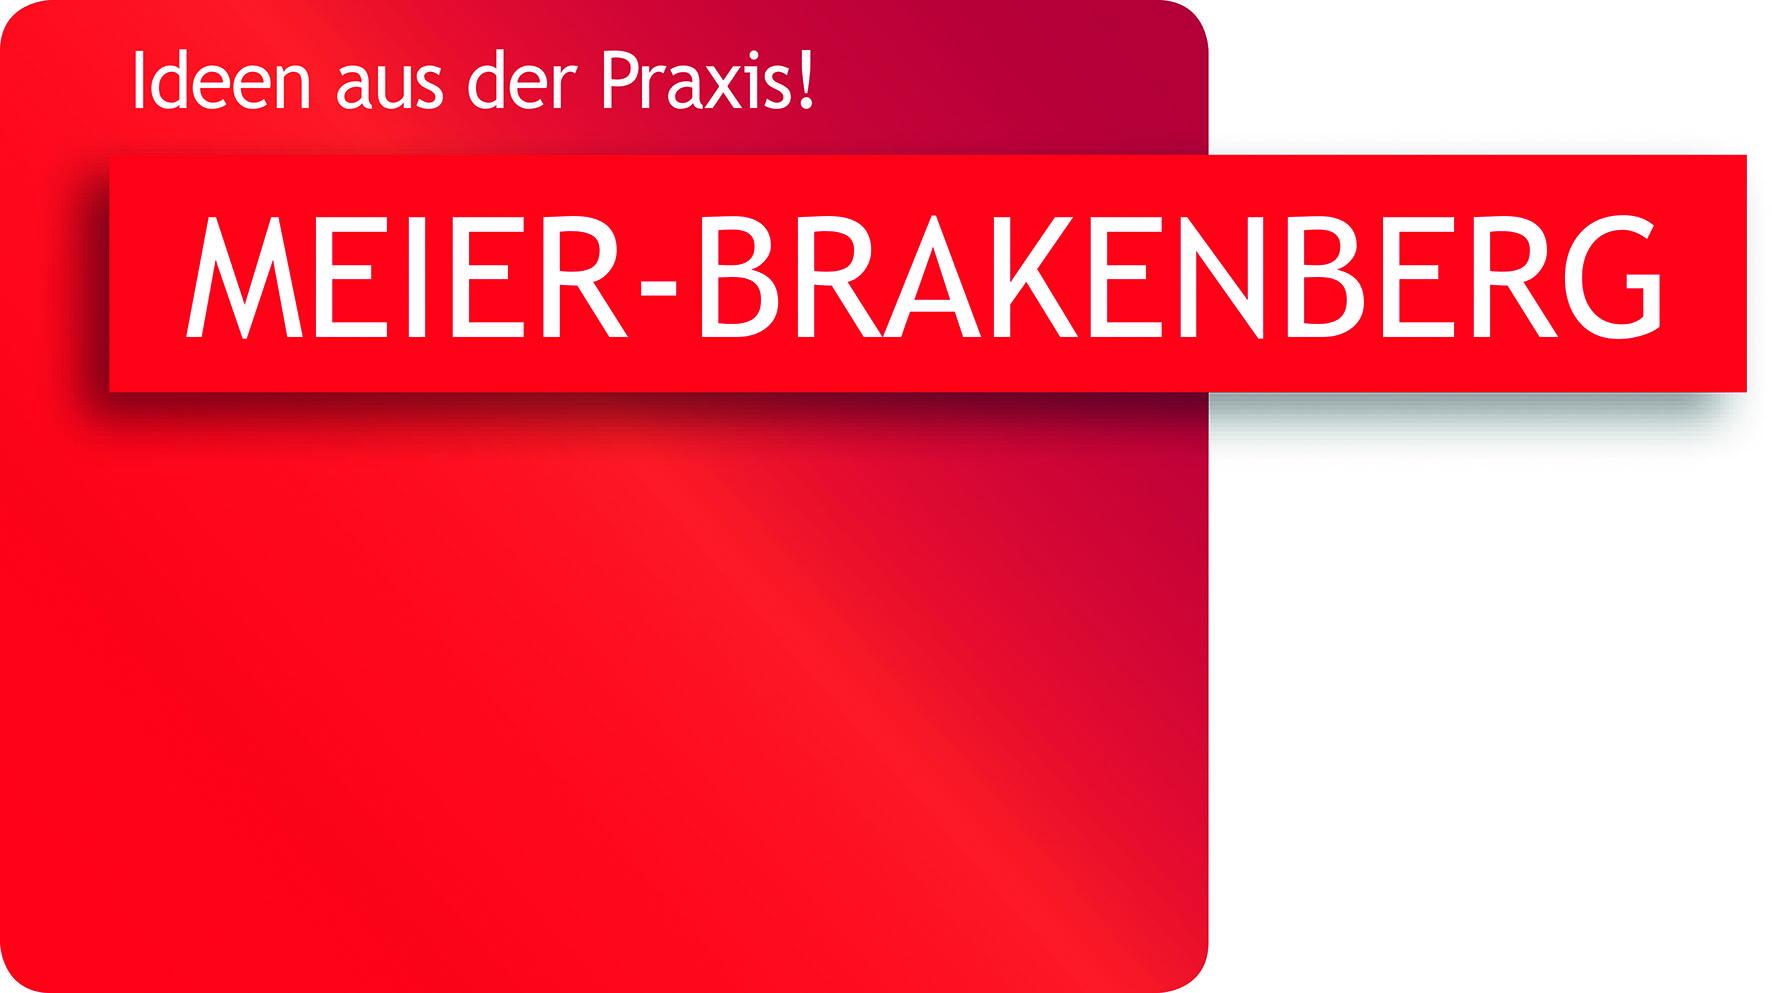 Logo Meier-Brakenberg